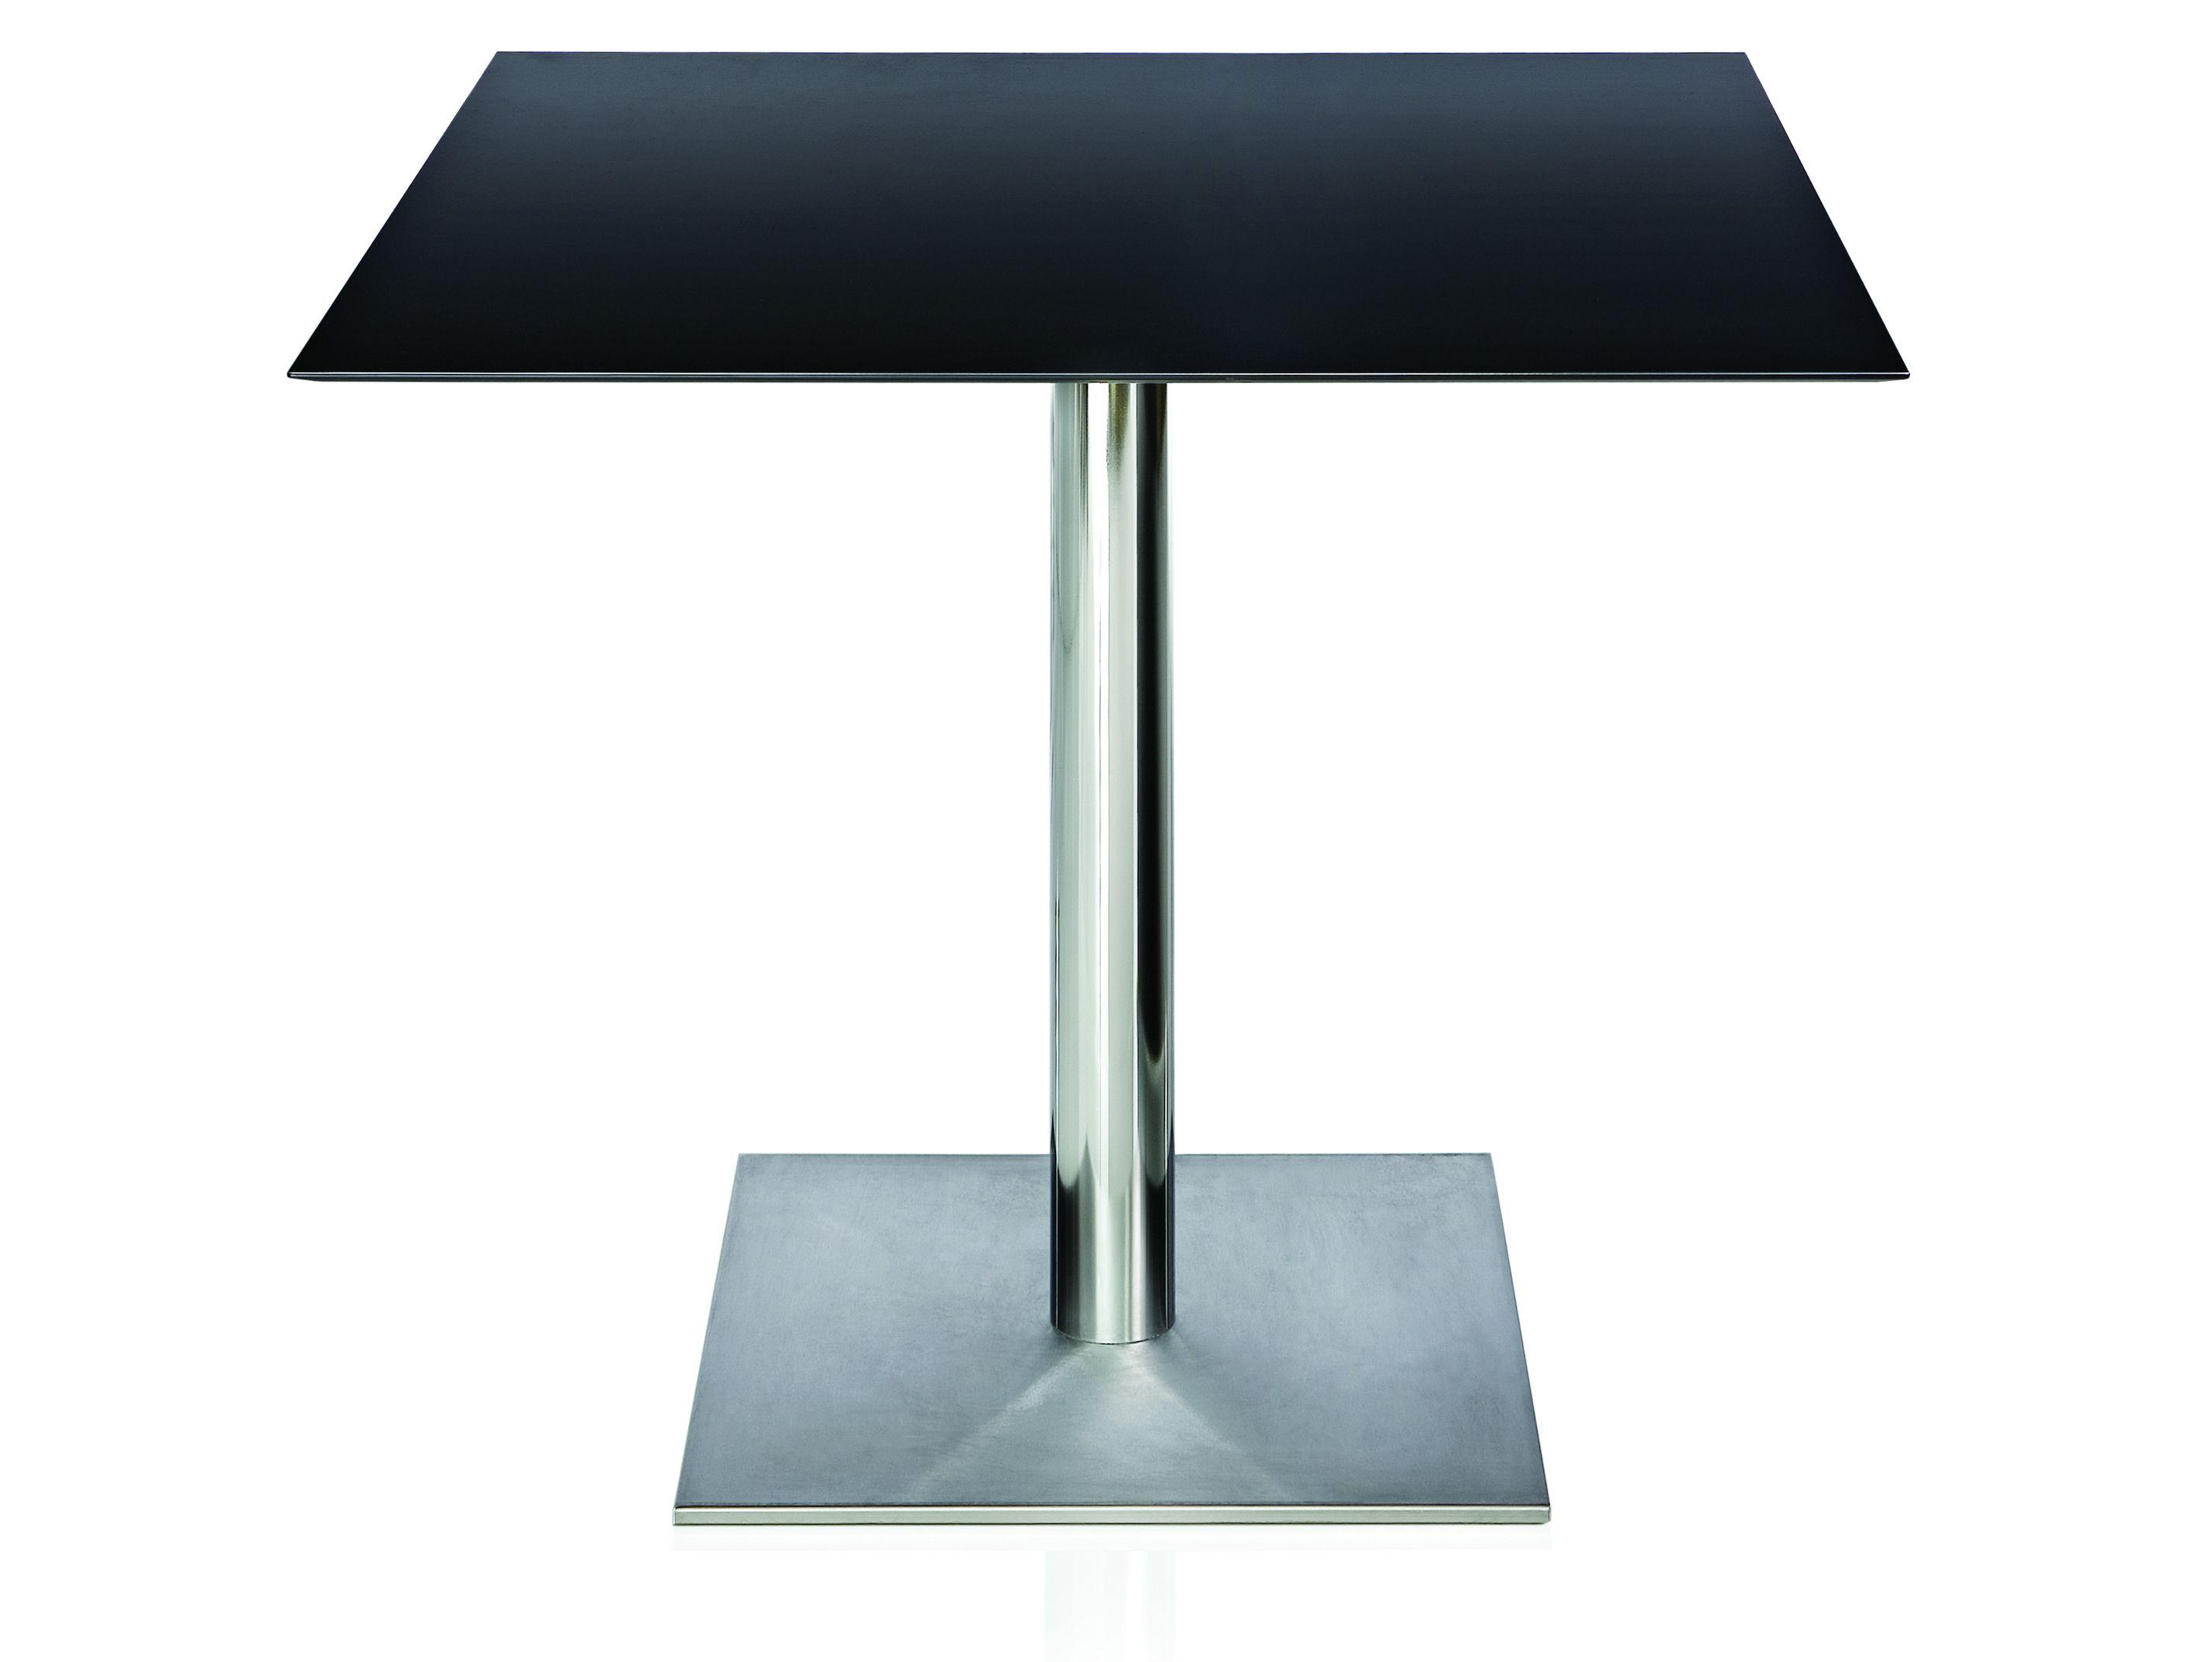 Priscilla mesa cuadrada by alma design dise 241 o tria de design